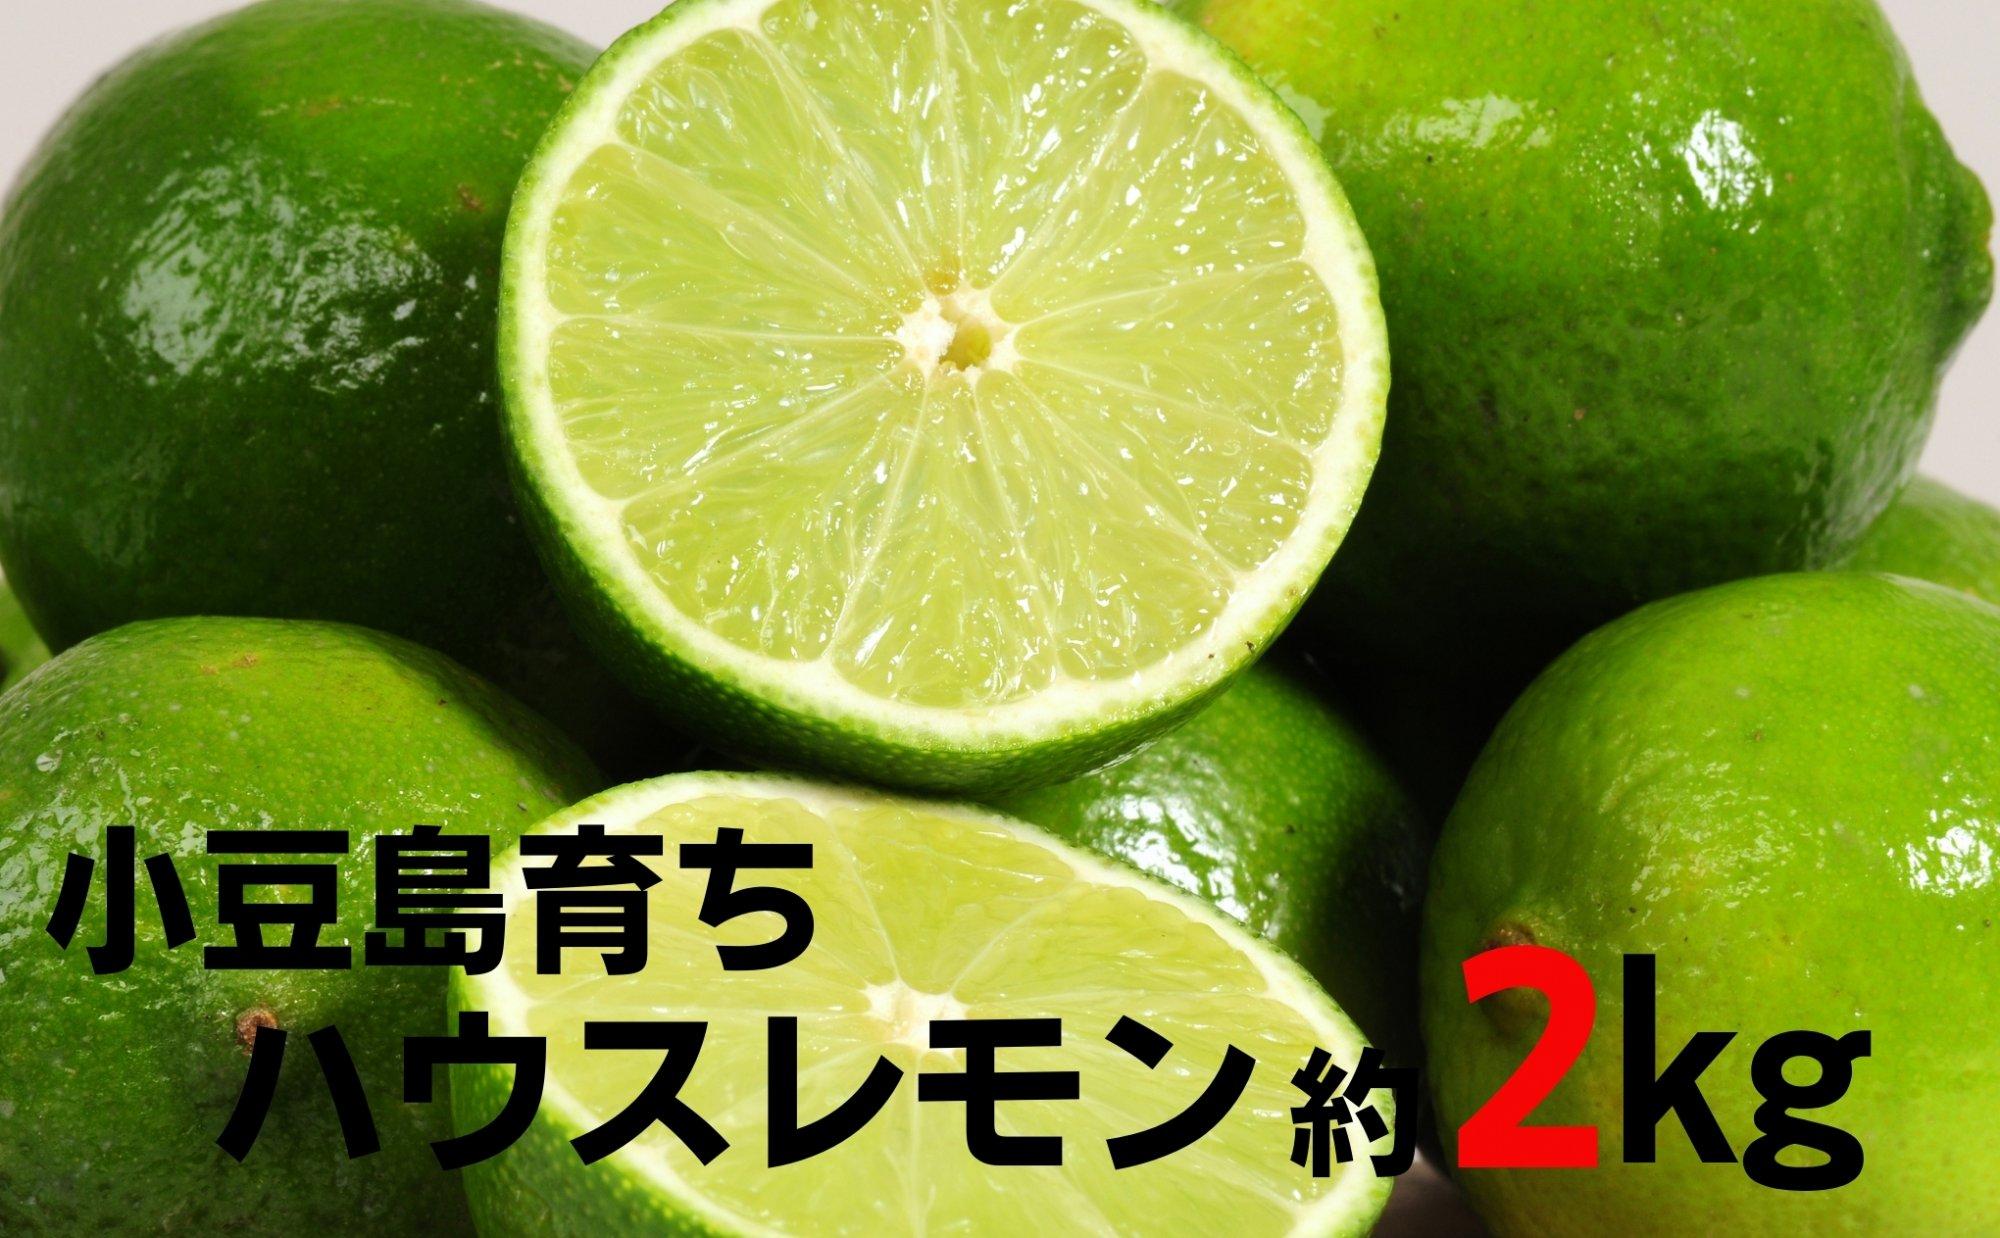 小豆島ハウスレモン 約2kg